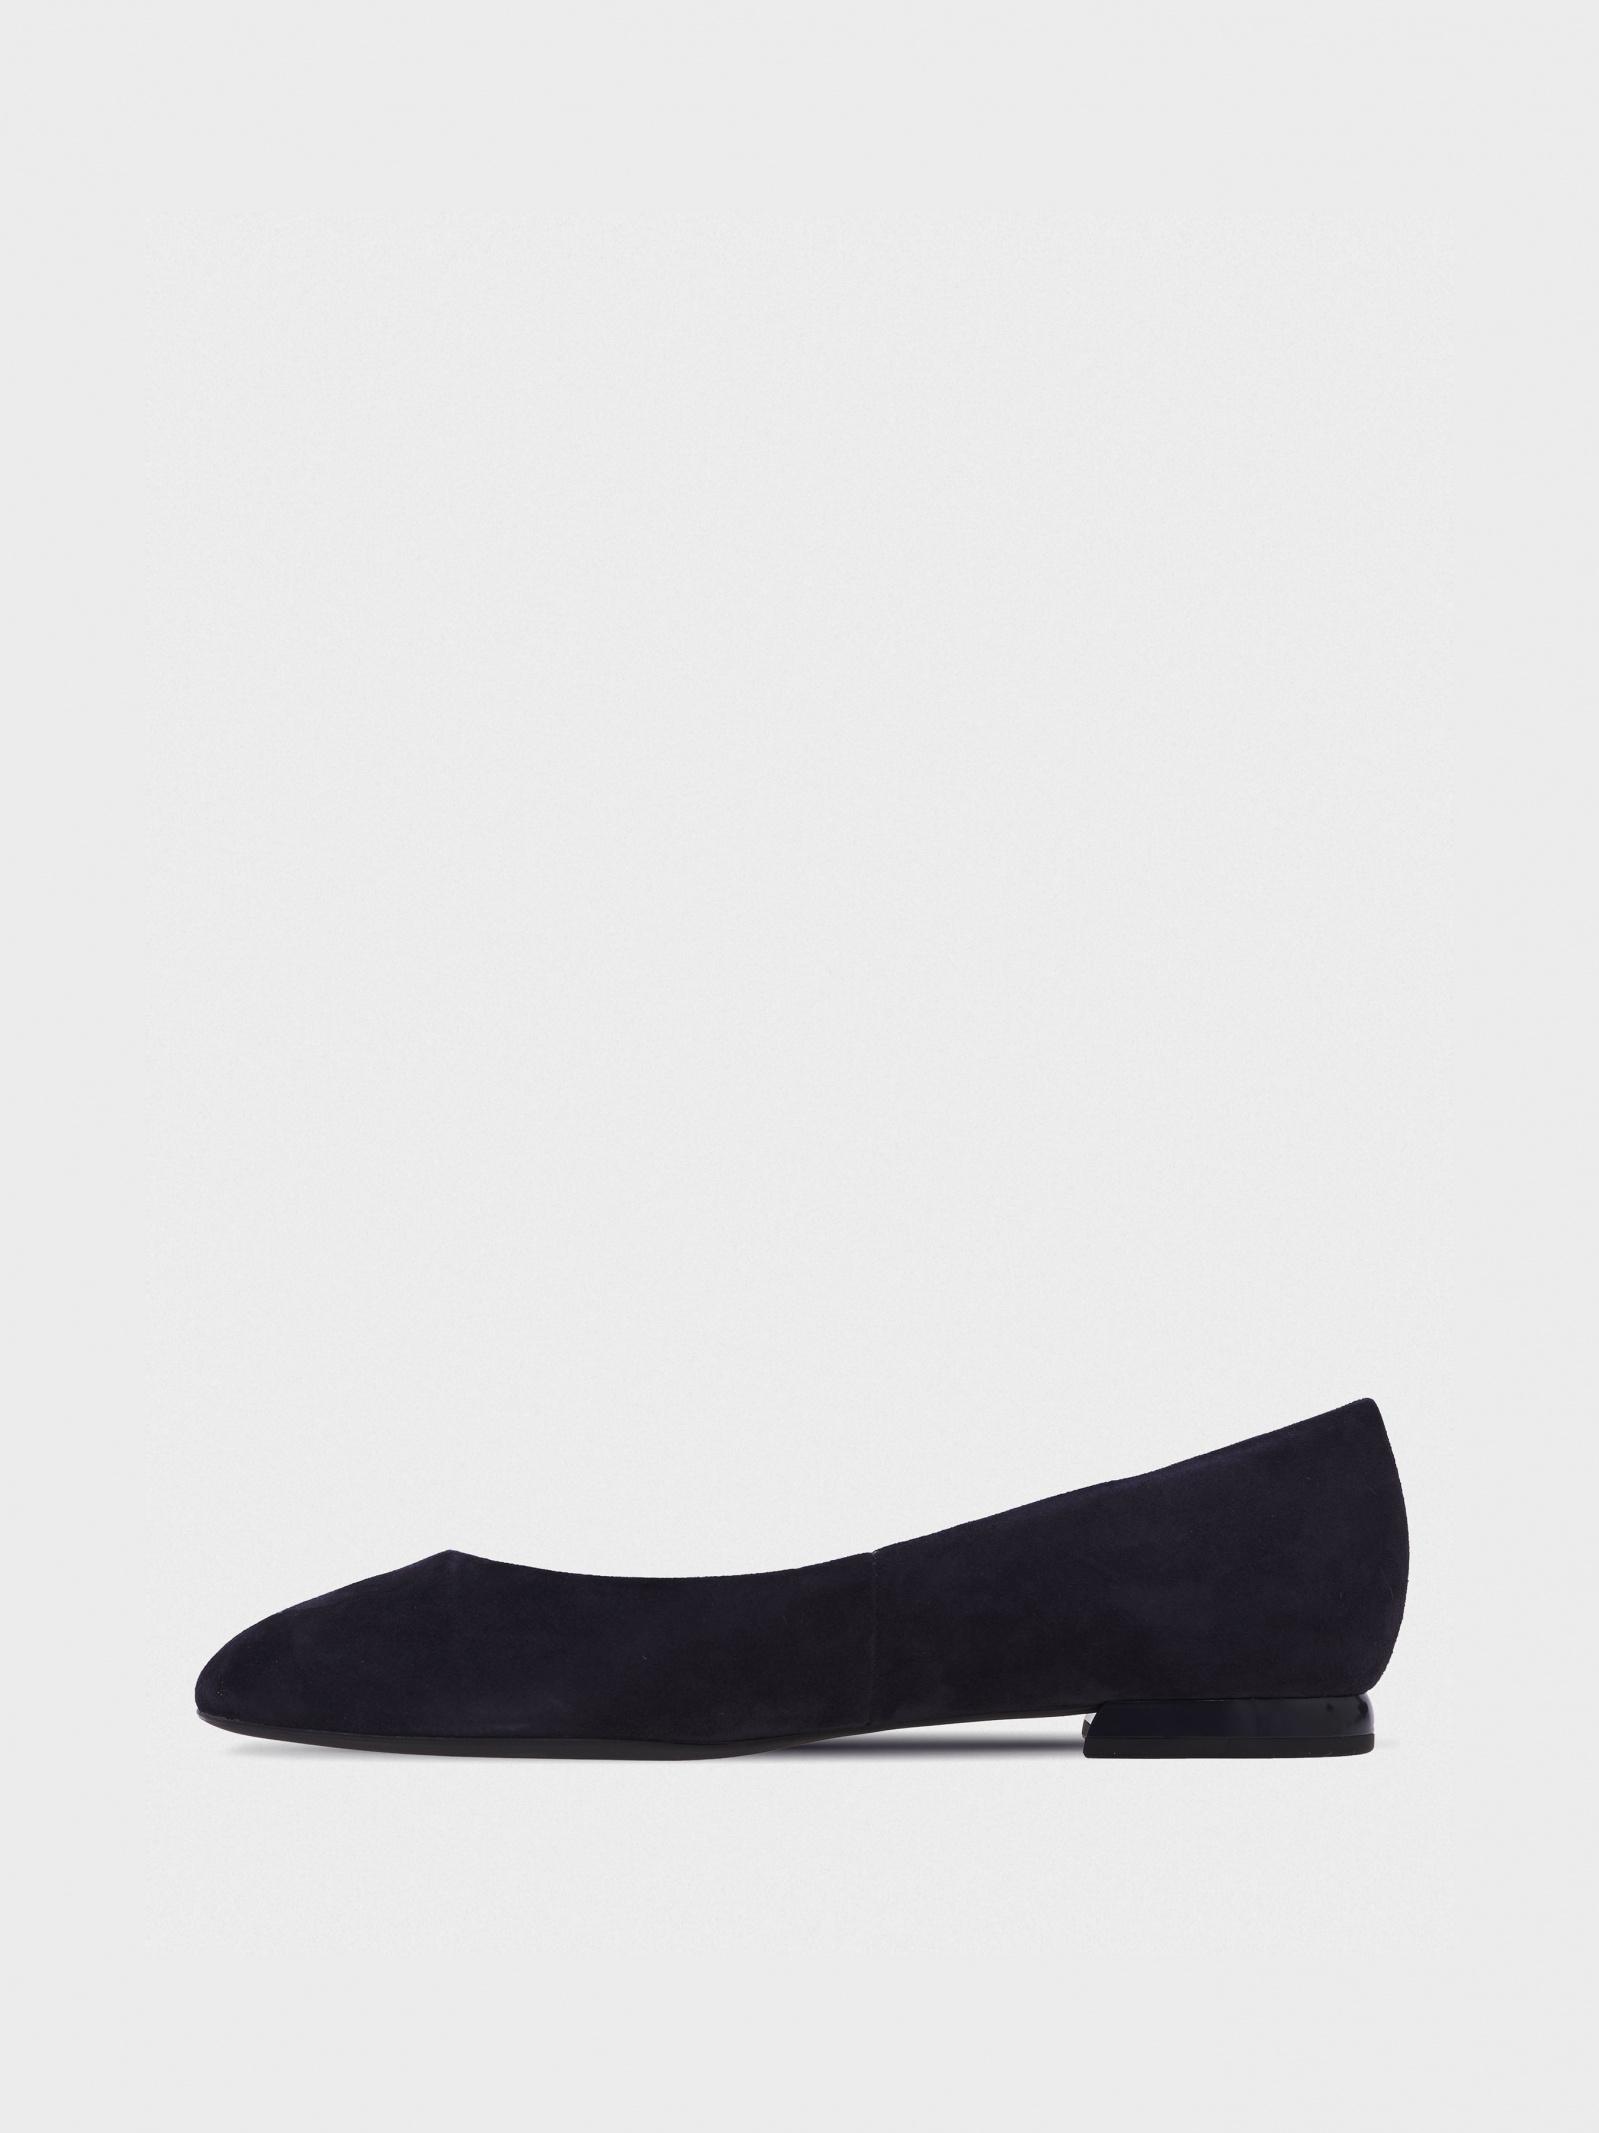 Балетки для женщин Hogl STUDIO 10 YN4016 брендовая обувь, 2017